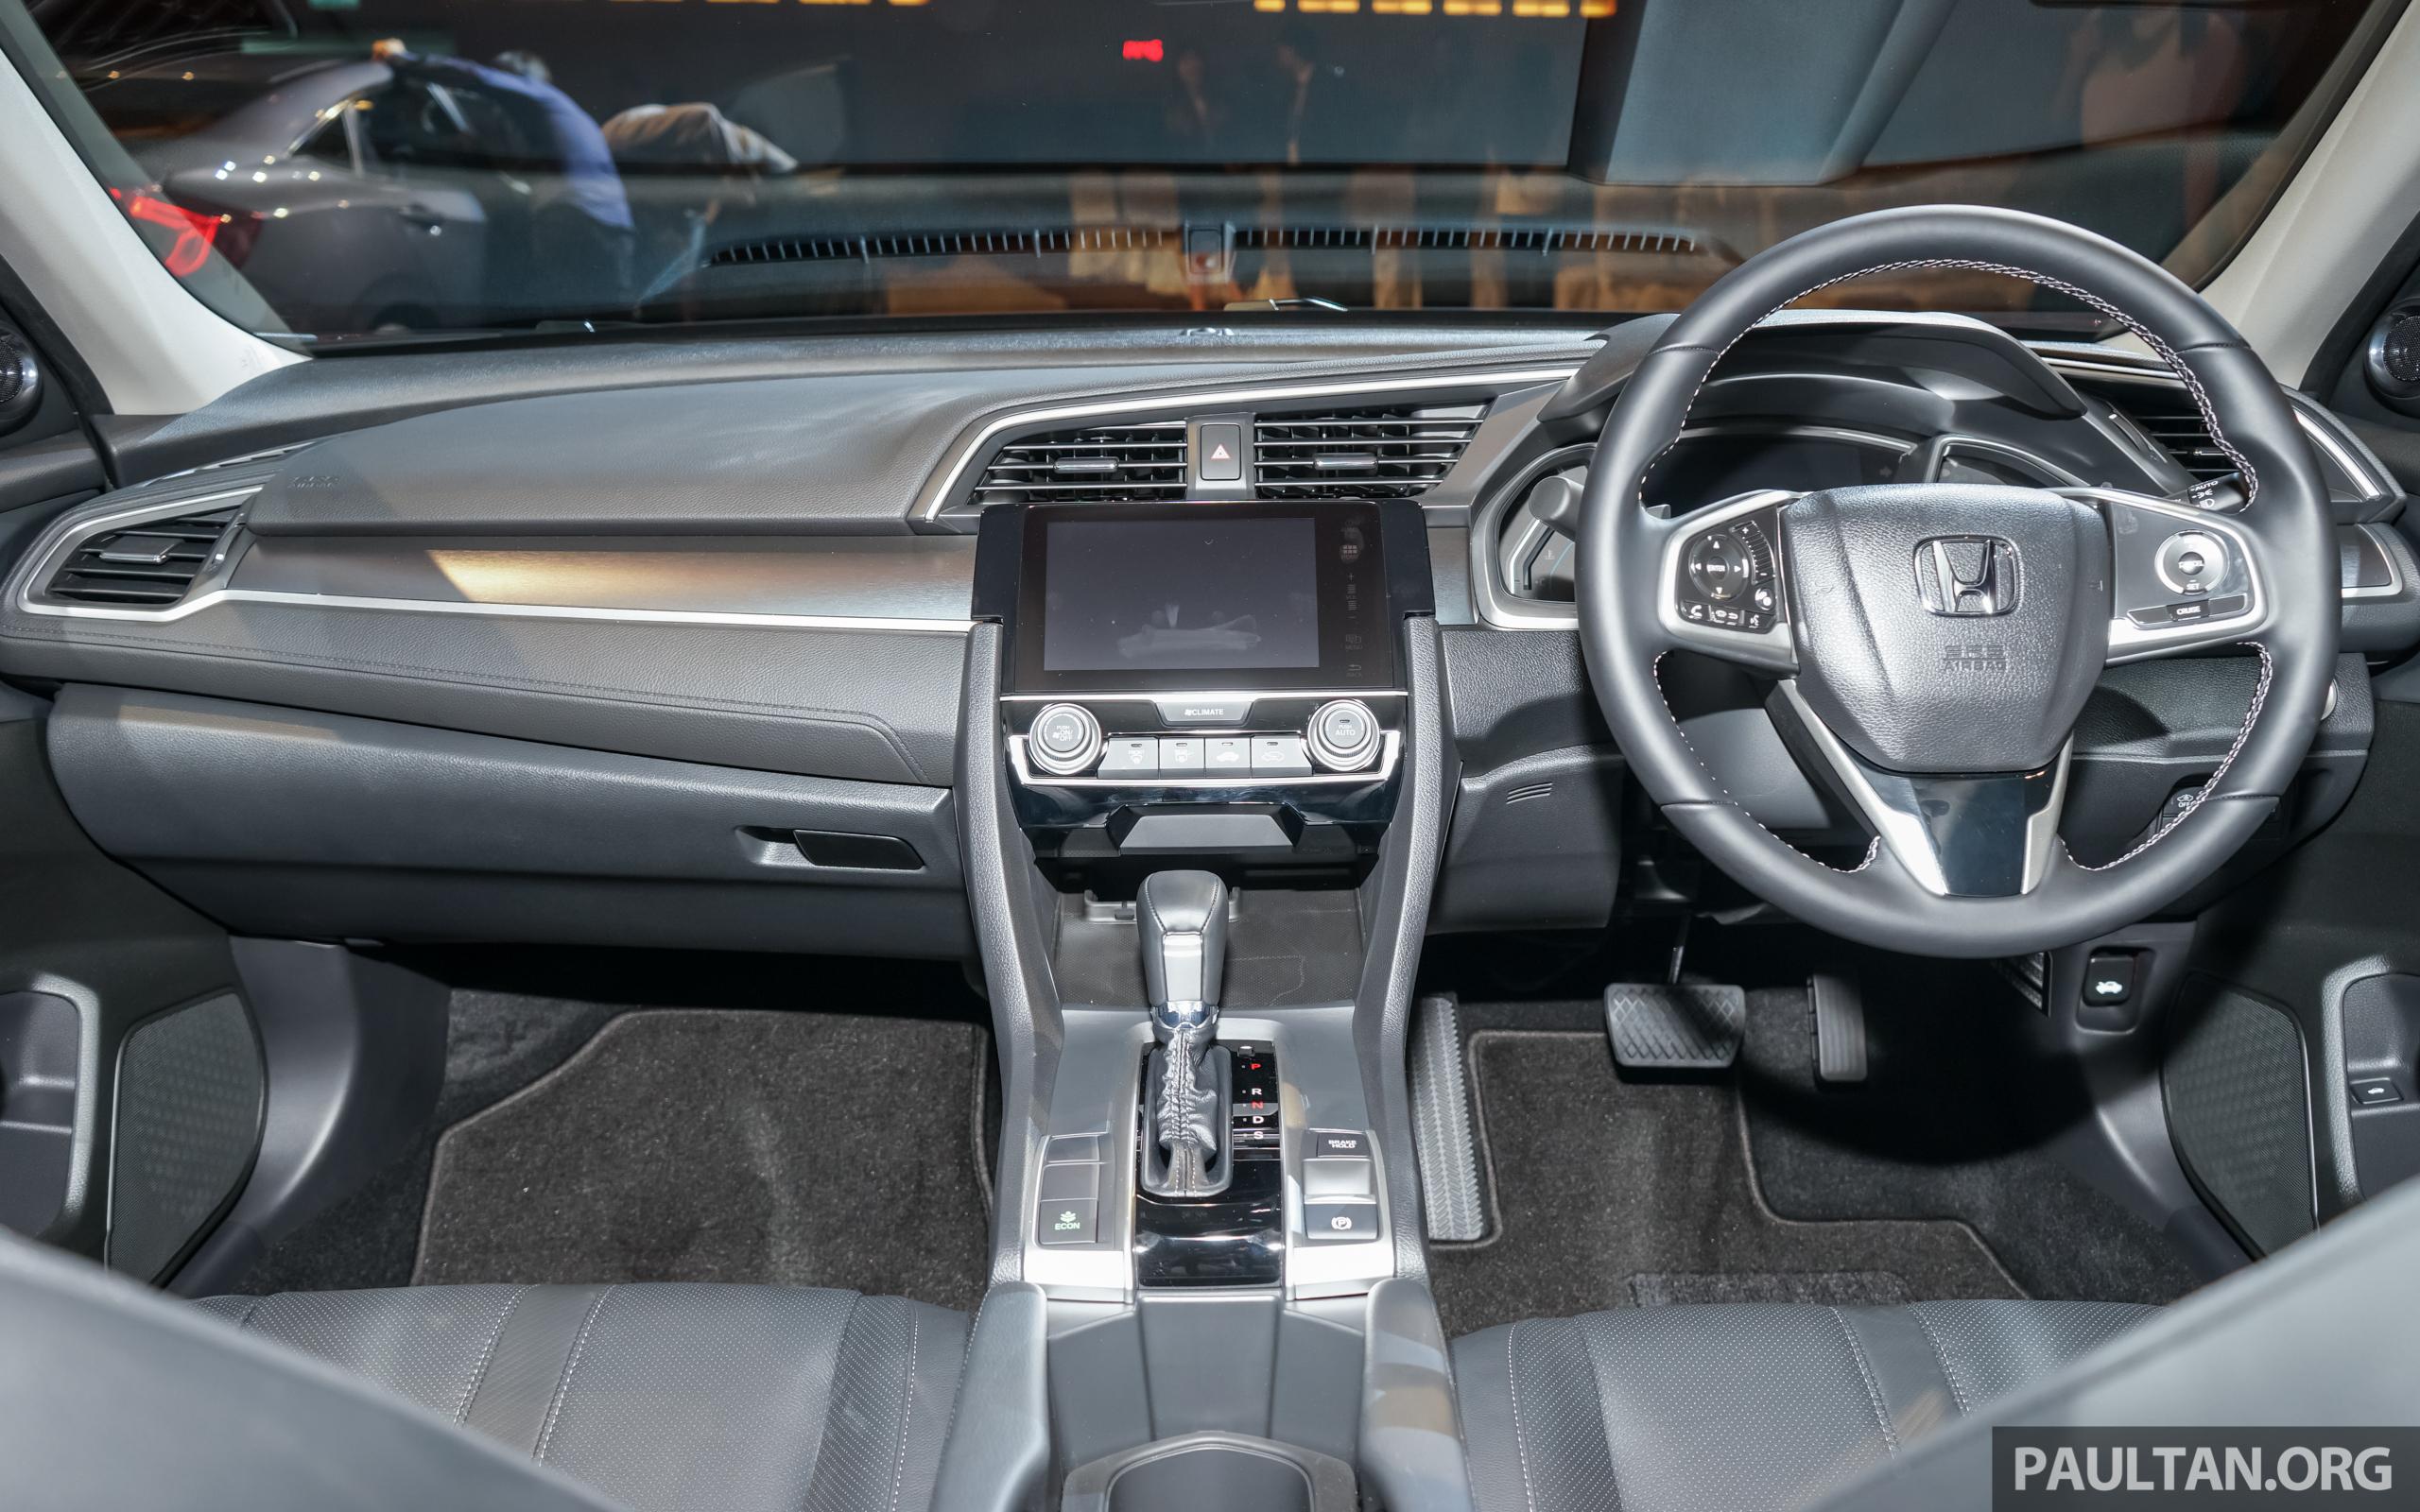 2016 Honda Civic Fc 1 8 S 5 Turbo Premium Specs And